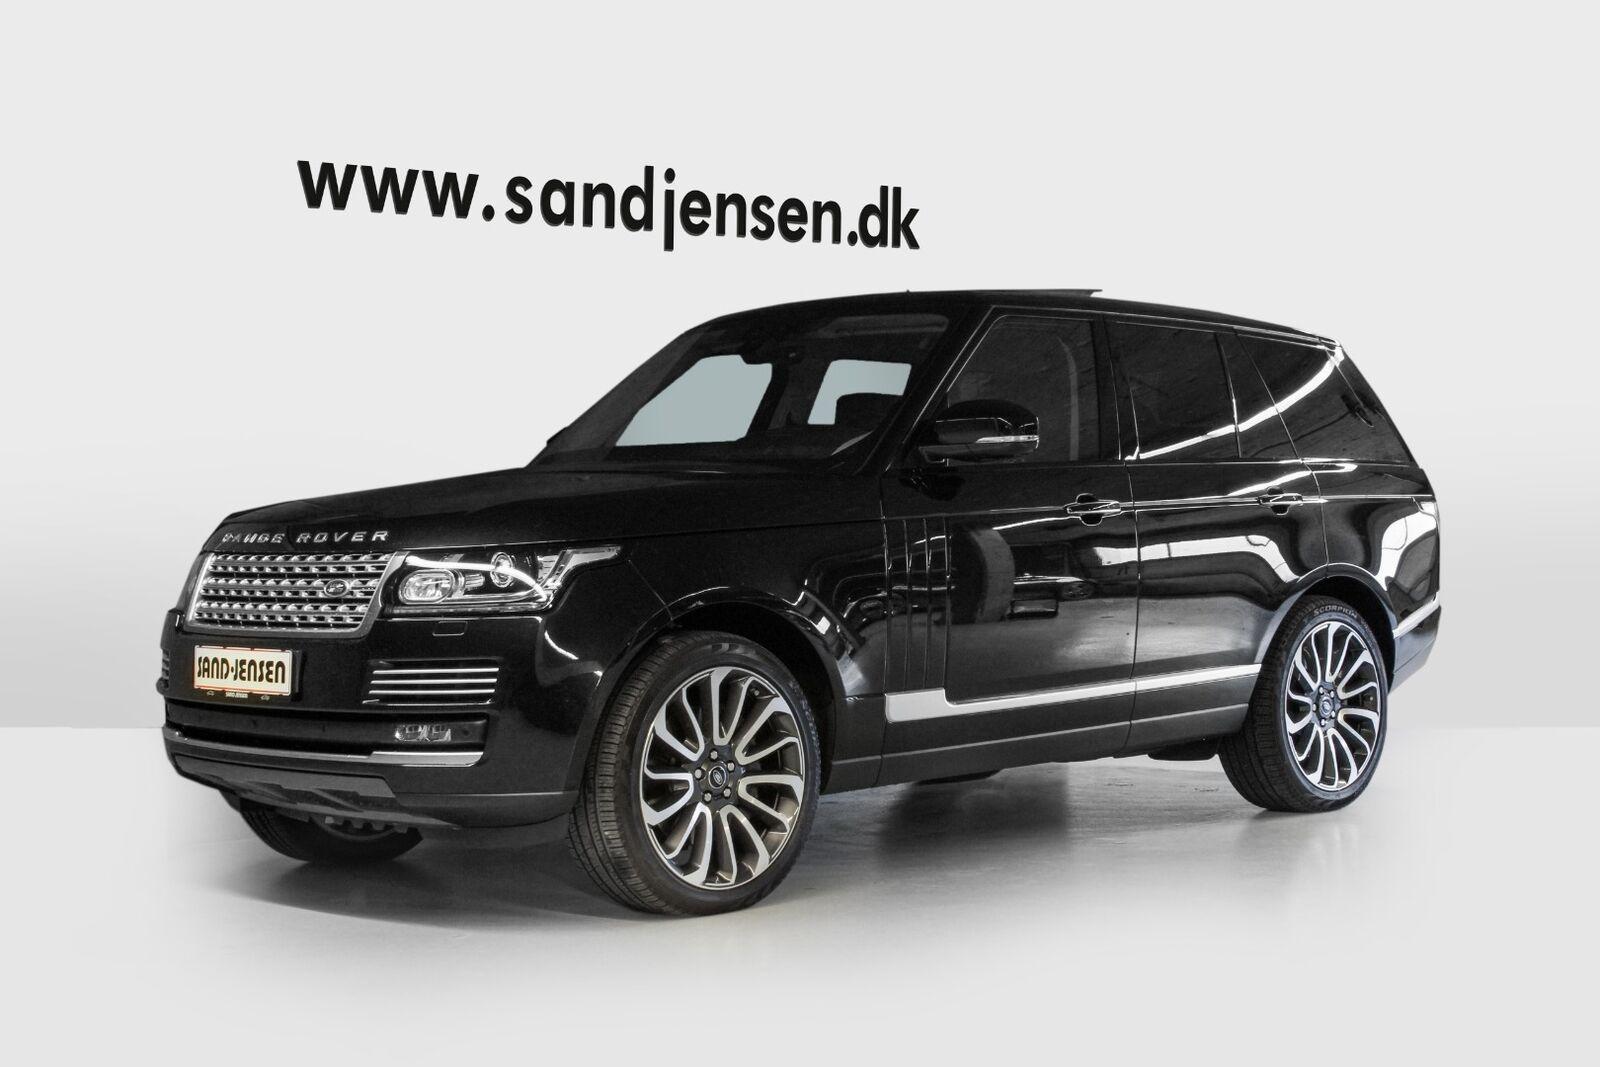 Land Rover Range Rover SCV8 SVAutobiography aut.